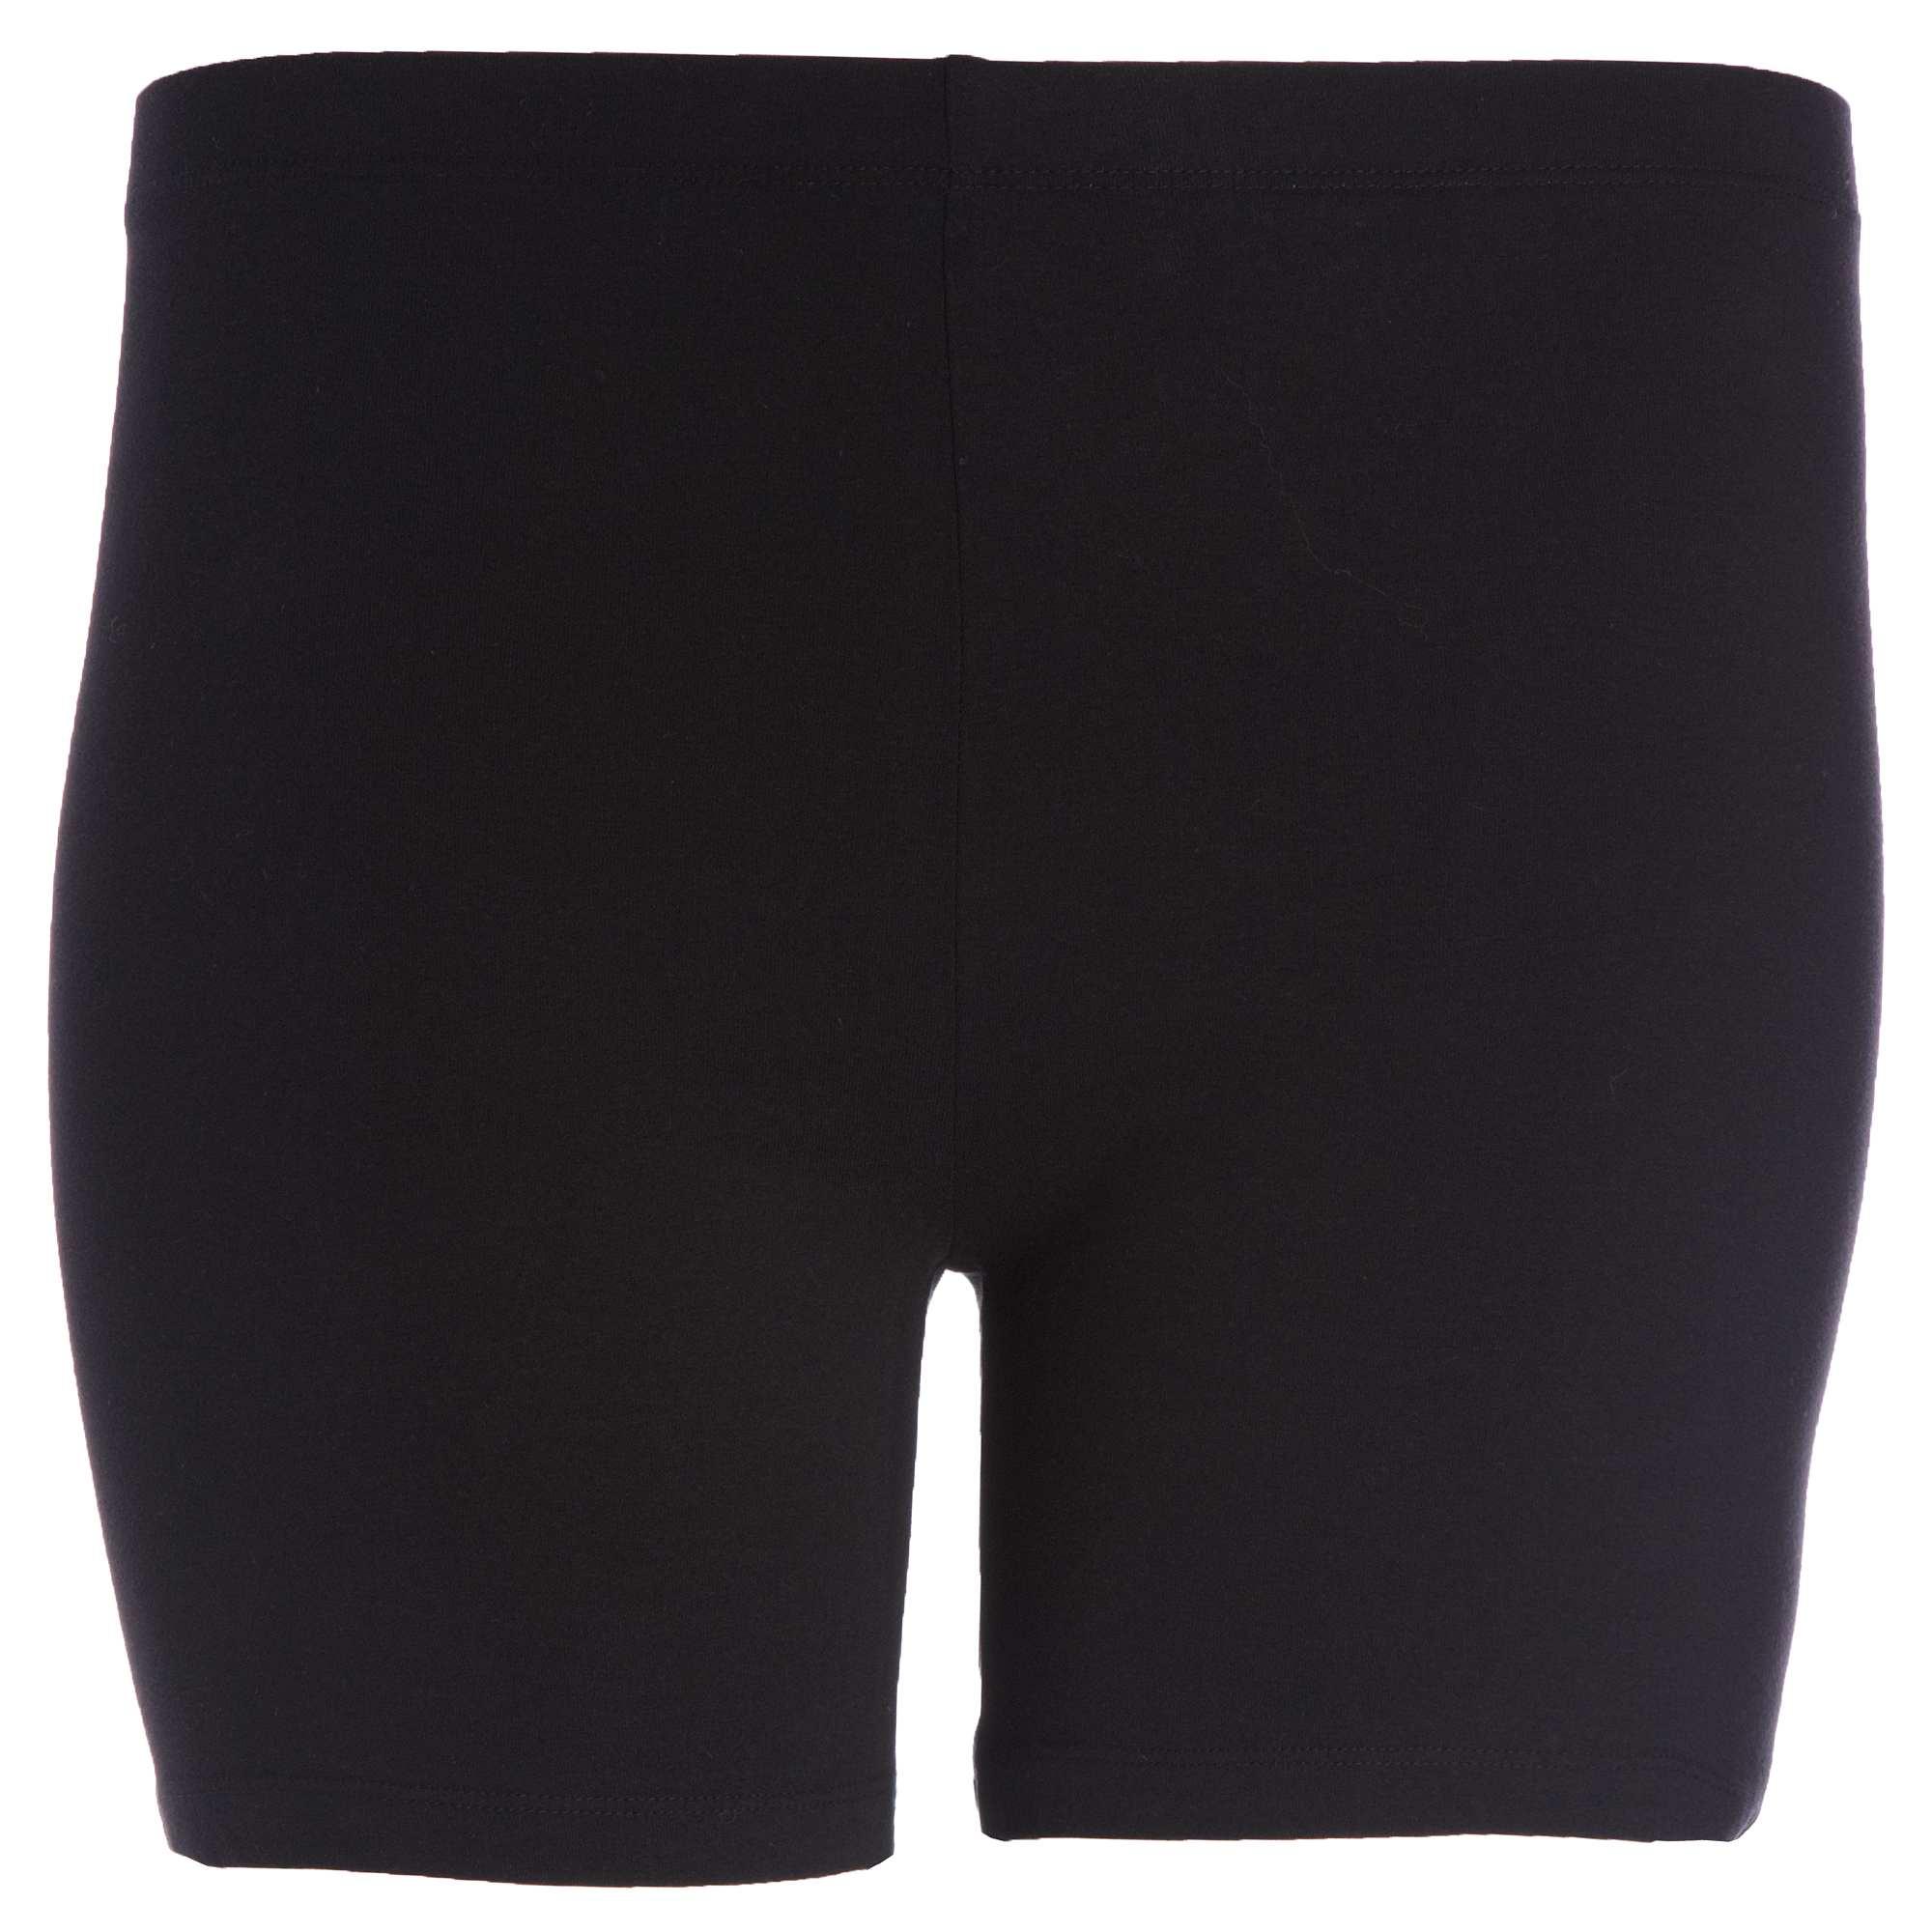 Couleur : noir, , ,, - Taille : 54/56, 58/60, ,,On aime sa matière stretch très agréable à porter. Idéal pour porter sous vos jupes ou